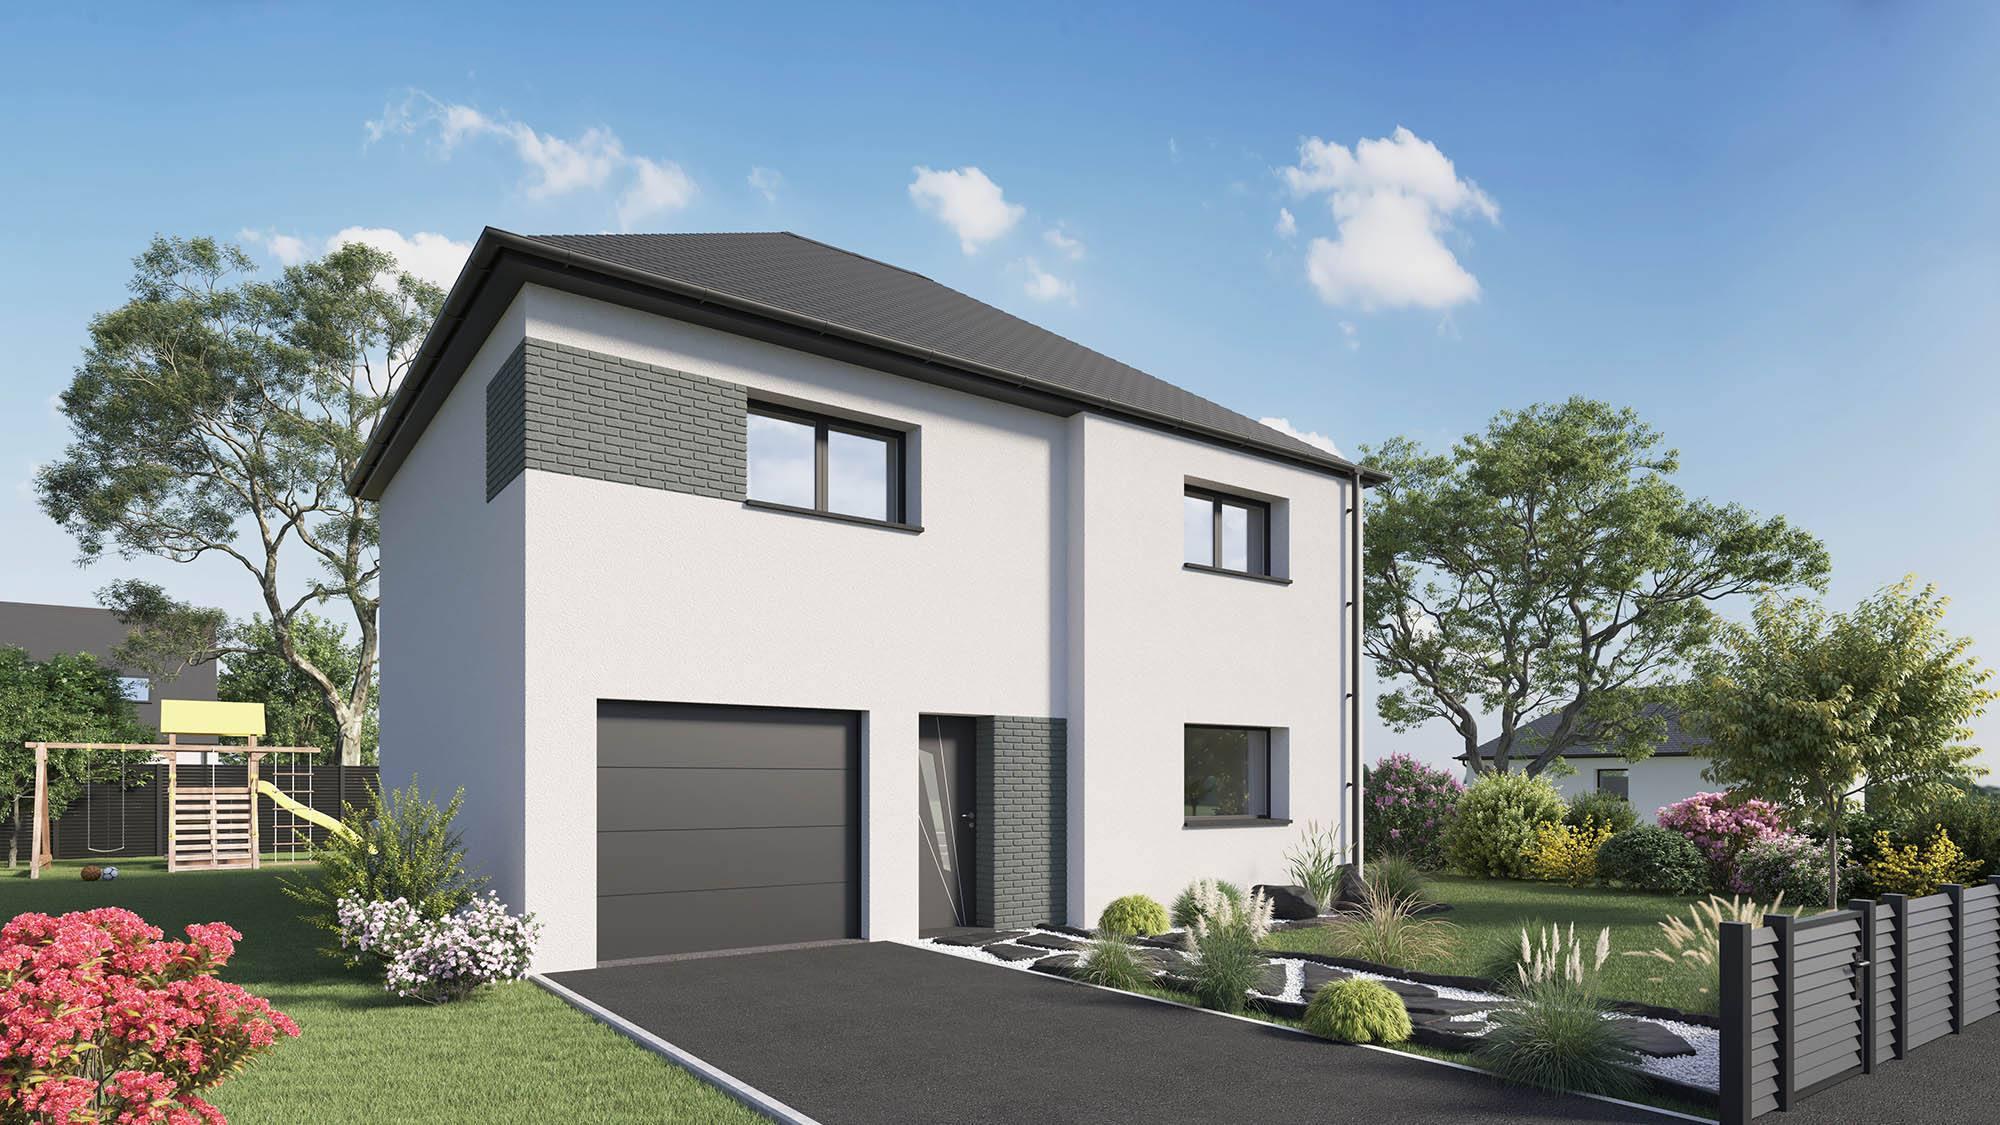 Maisons + Terrains du constructeur MAISON CASTOR • 116 m² • PACY SUR EURE